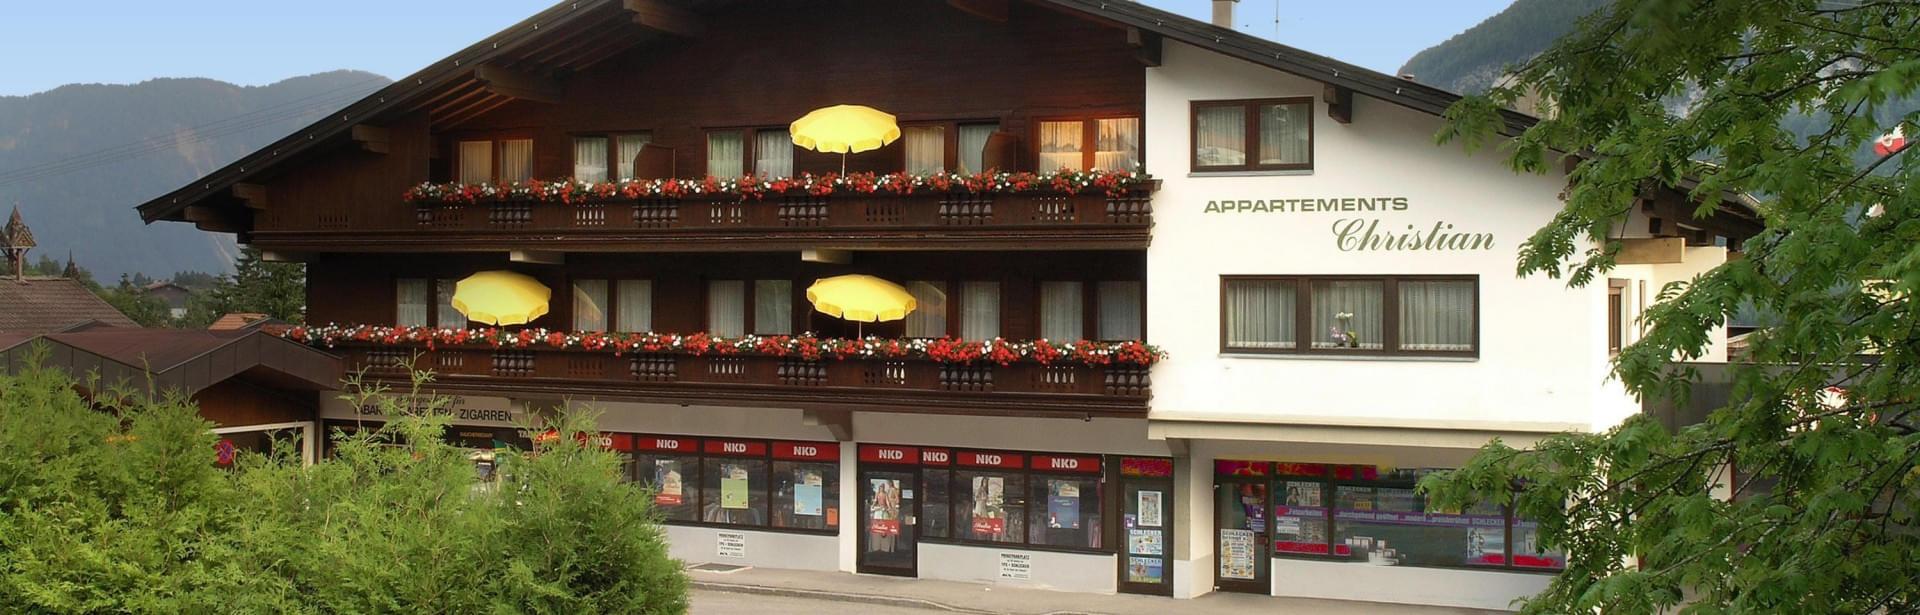 Gruppenerlebnisse am Achensee | Achensee